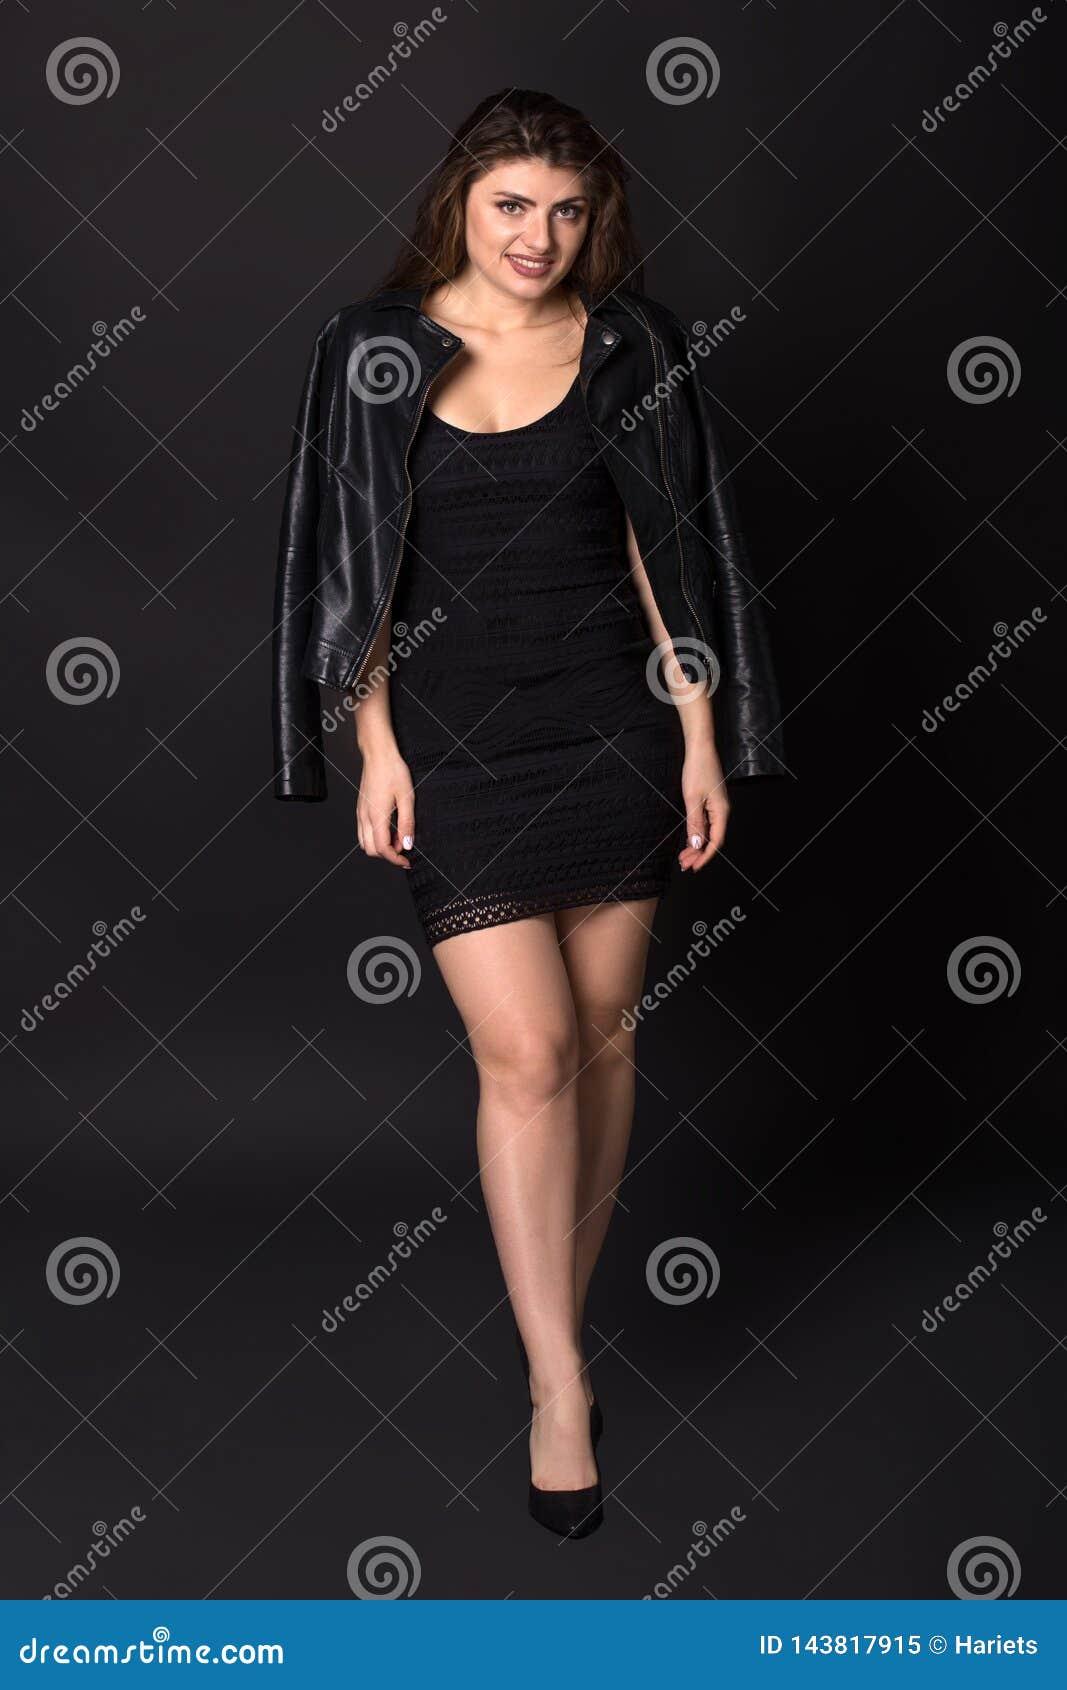 Πλήρες πορτρέτο μήκους της προκλητικής καυκάσιας νέας γυναίκας στο σακάκι δέρματος και το απότομα μαύρο φόρεμα, που θέτει πέρα απ